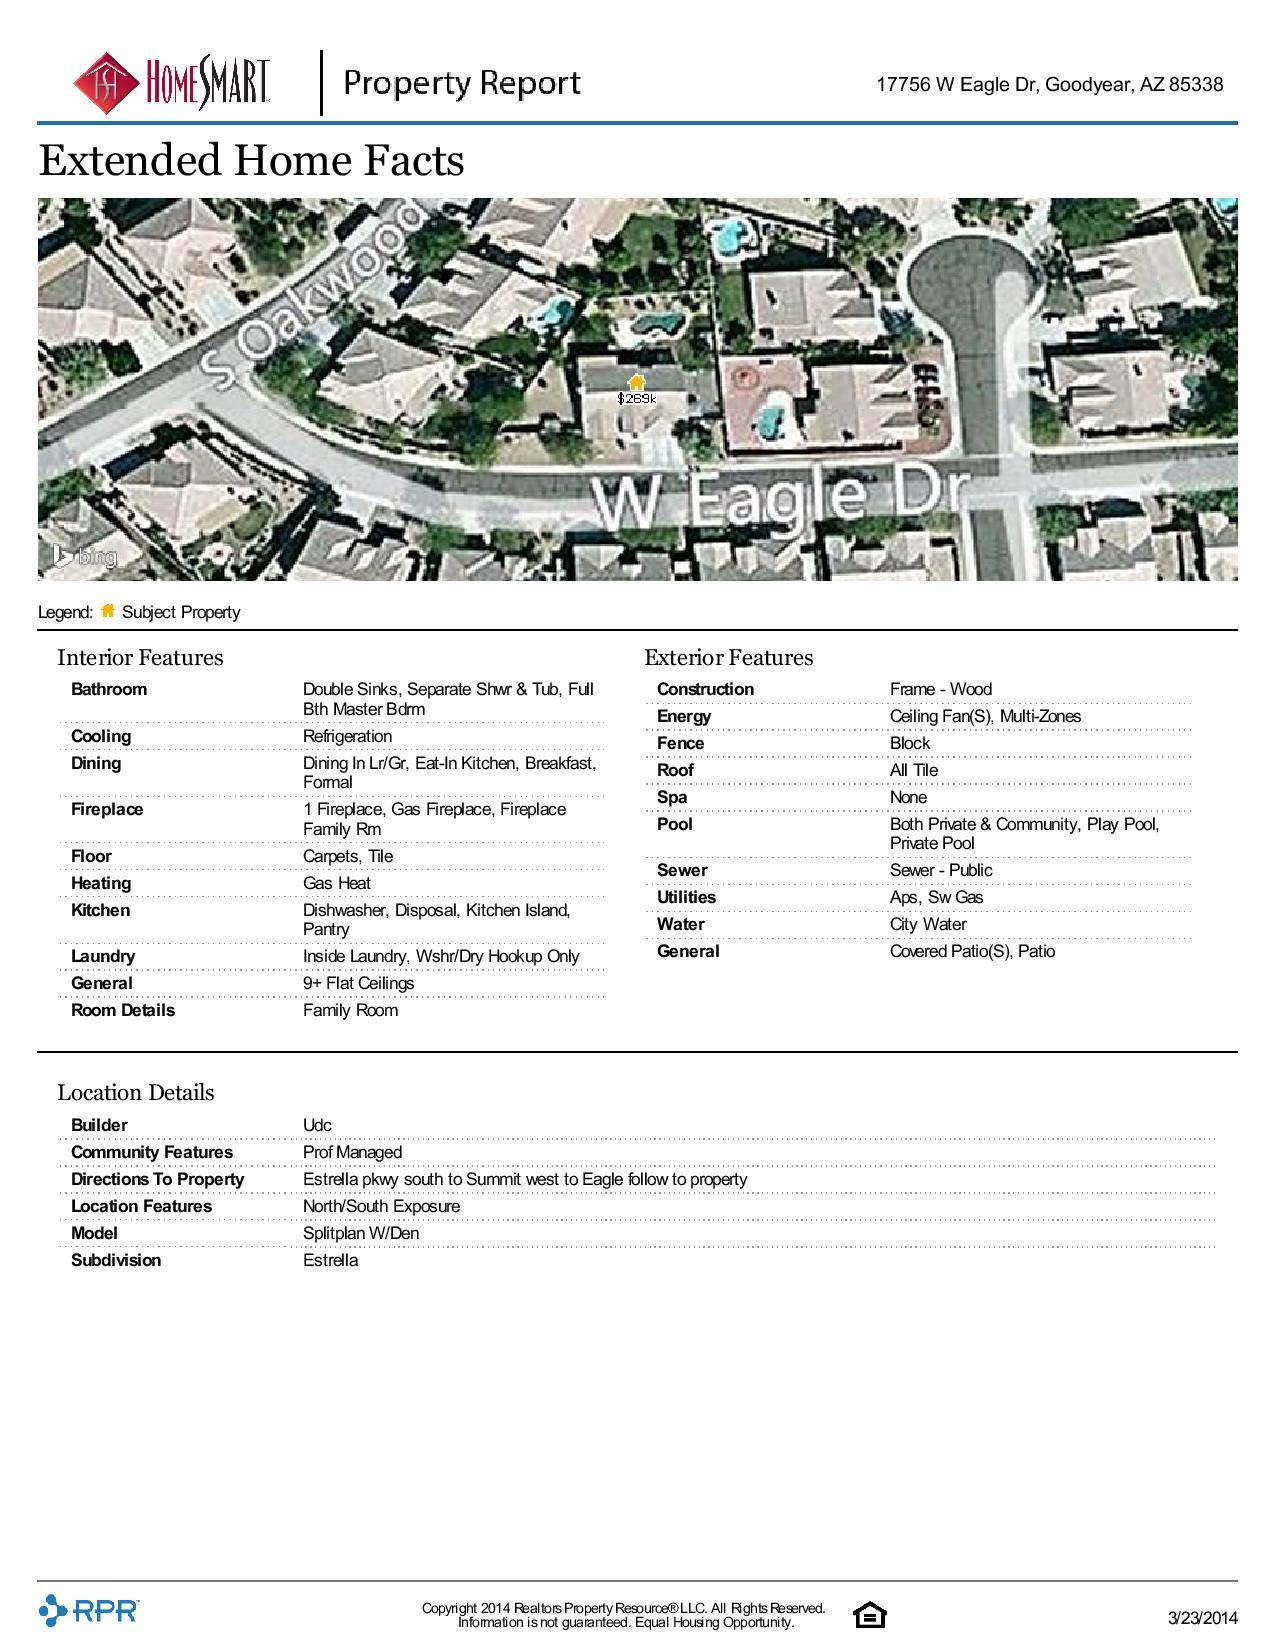 17756-W-Eagle-Dr-Goodyear-AZ-85338-page-004